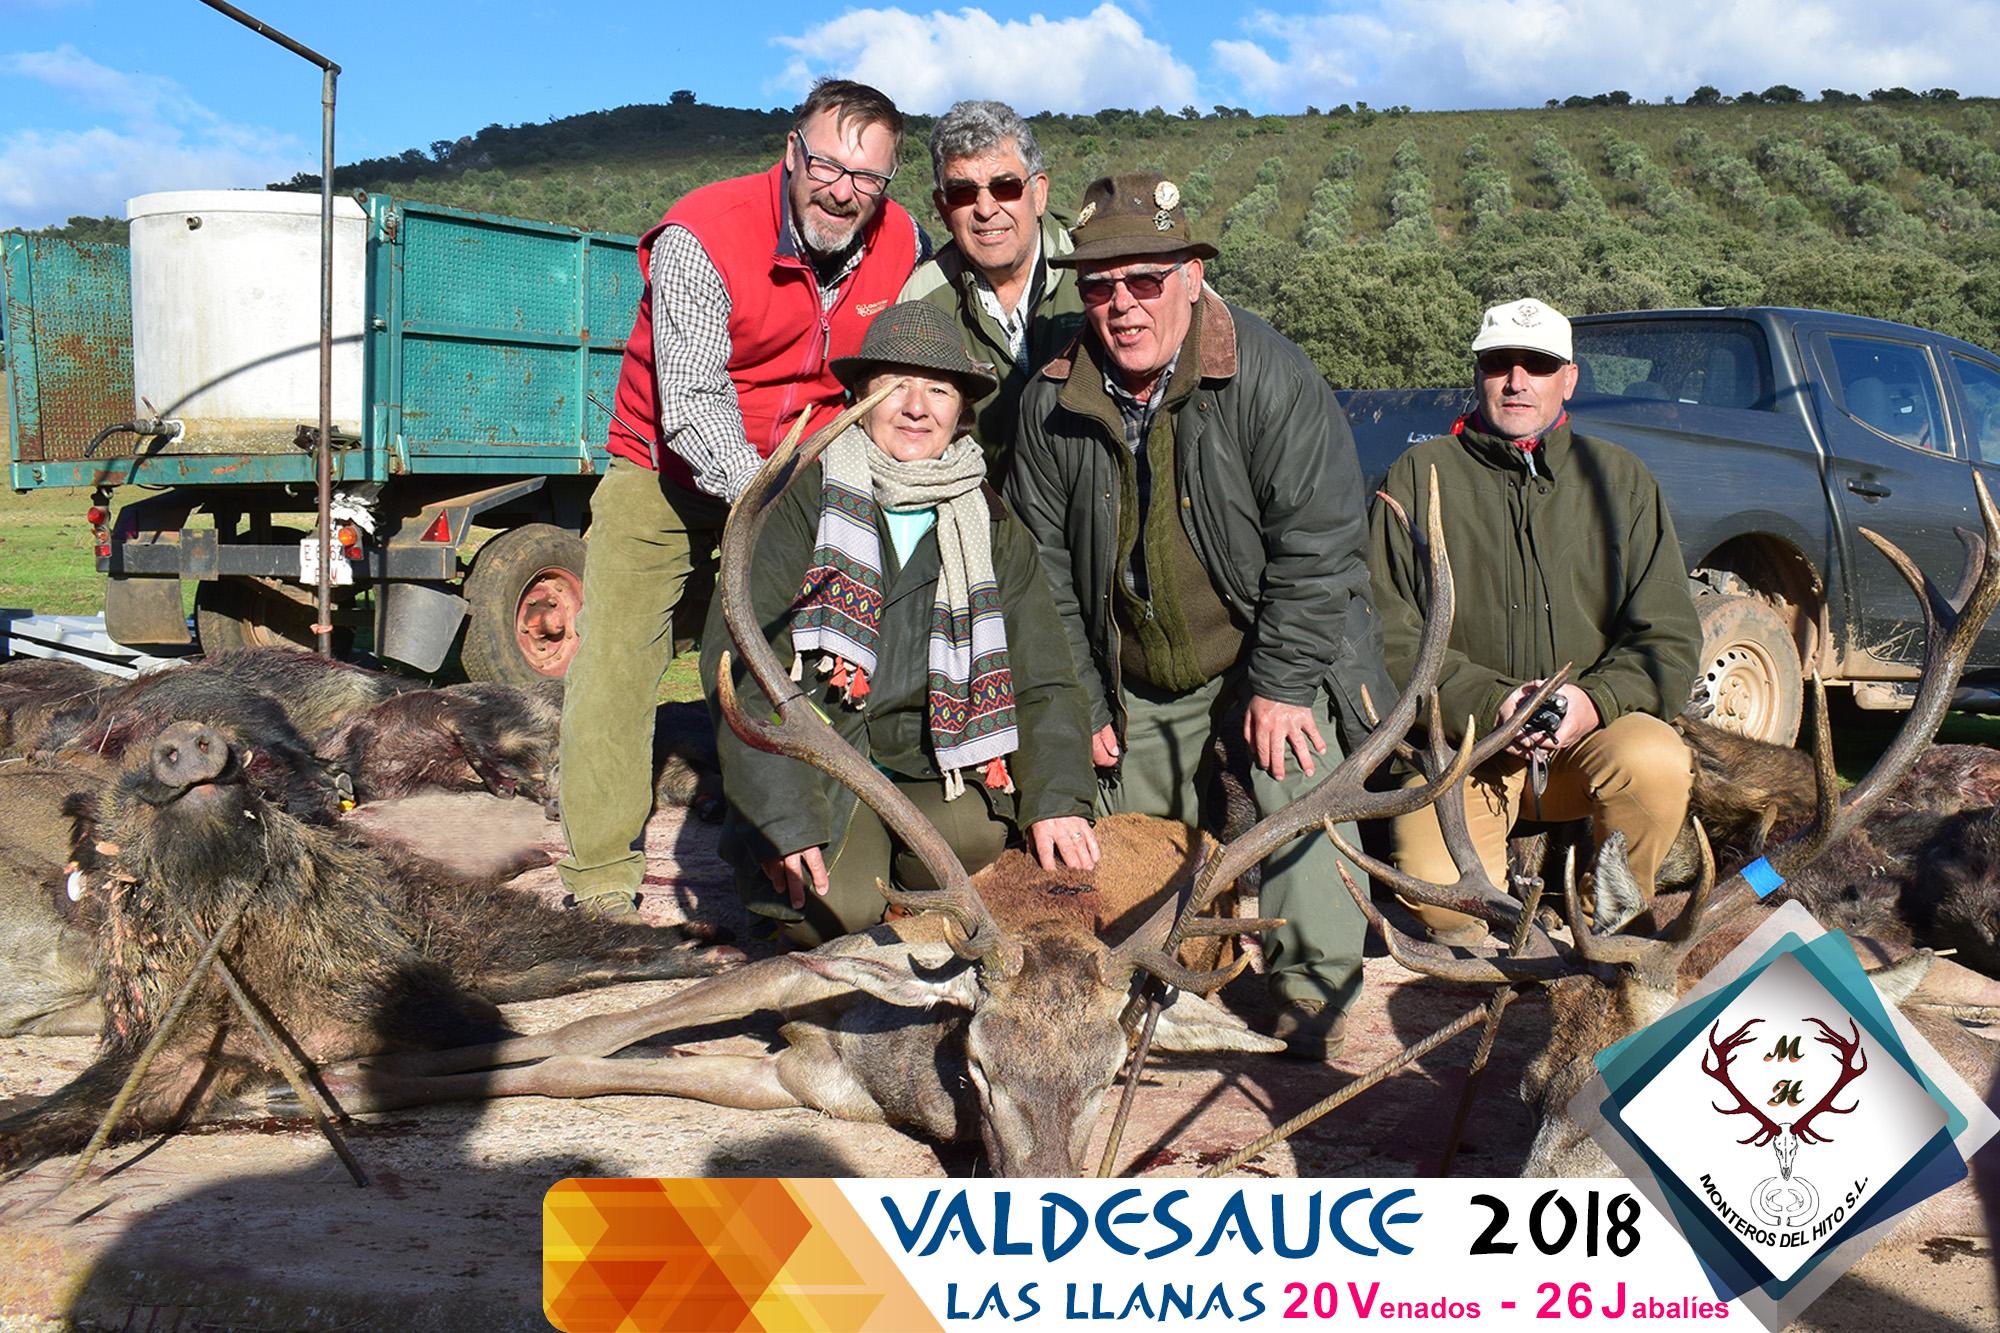 Galería Valdesauce – Las Llanas 2018